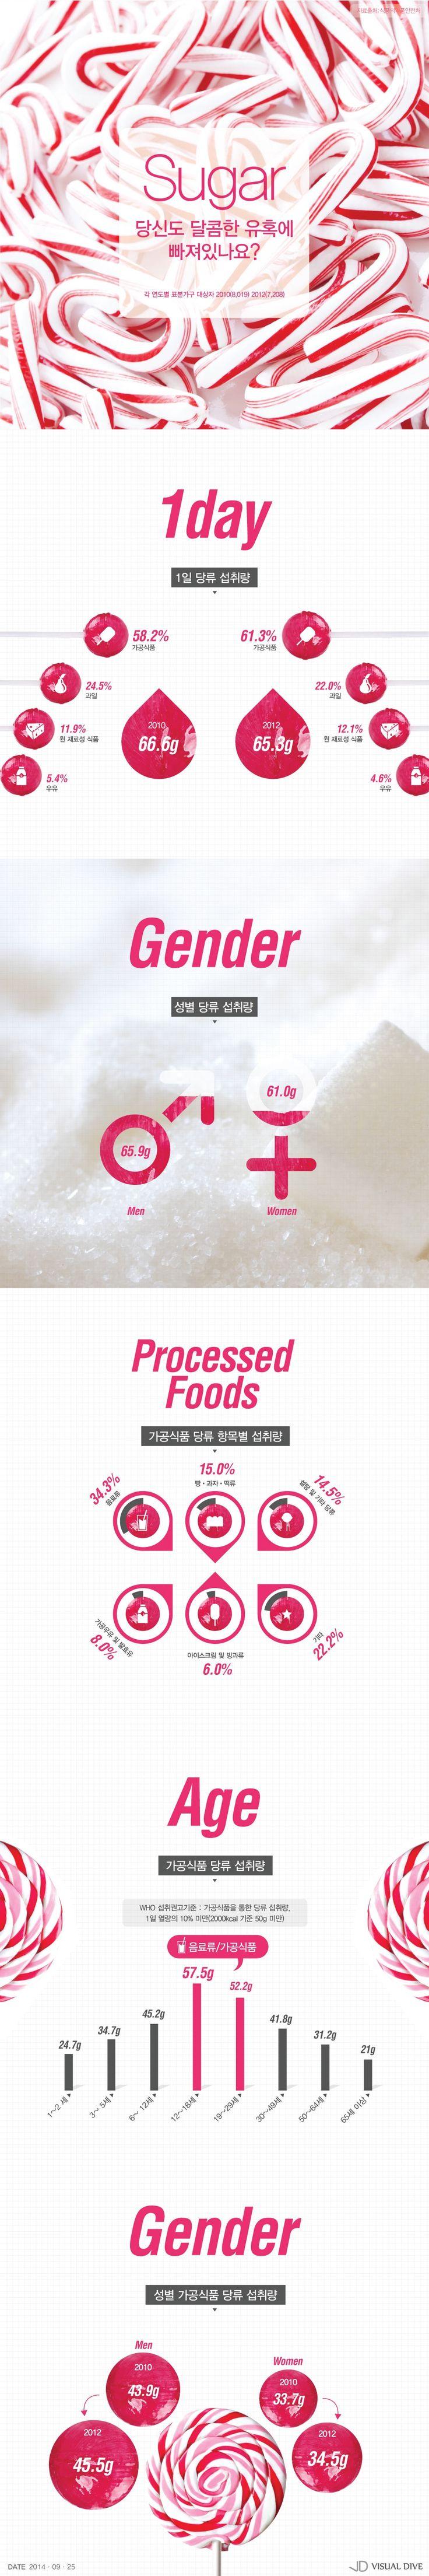 '가공식품 당류섭취량' 유아‧청소년, WHO 기준량 초과 [인포그래픽] #sugar / #Infographic ⓒ 비주얼다이브 무단 복사·전재·재배포 금지